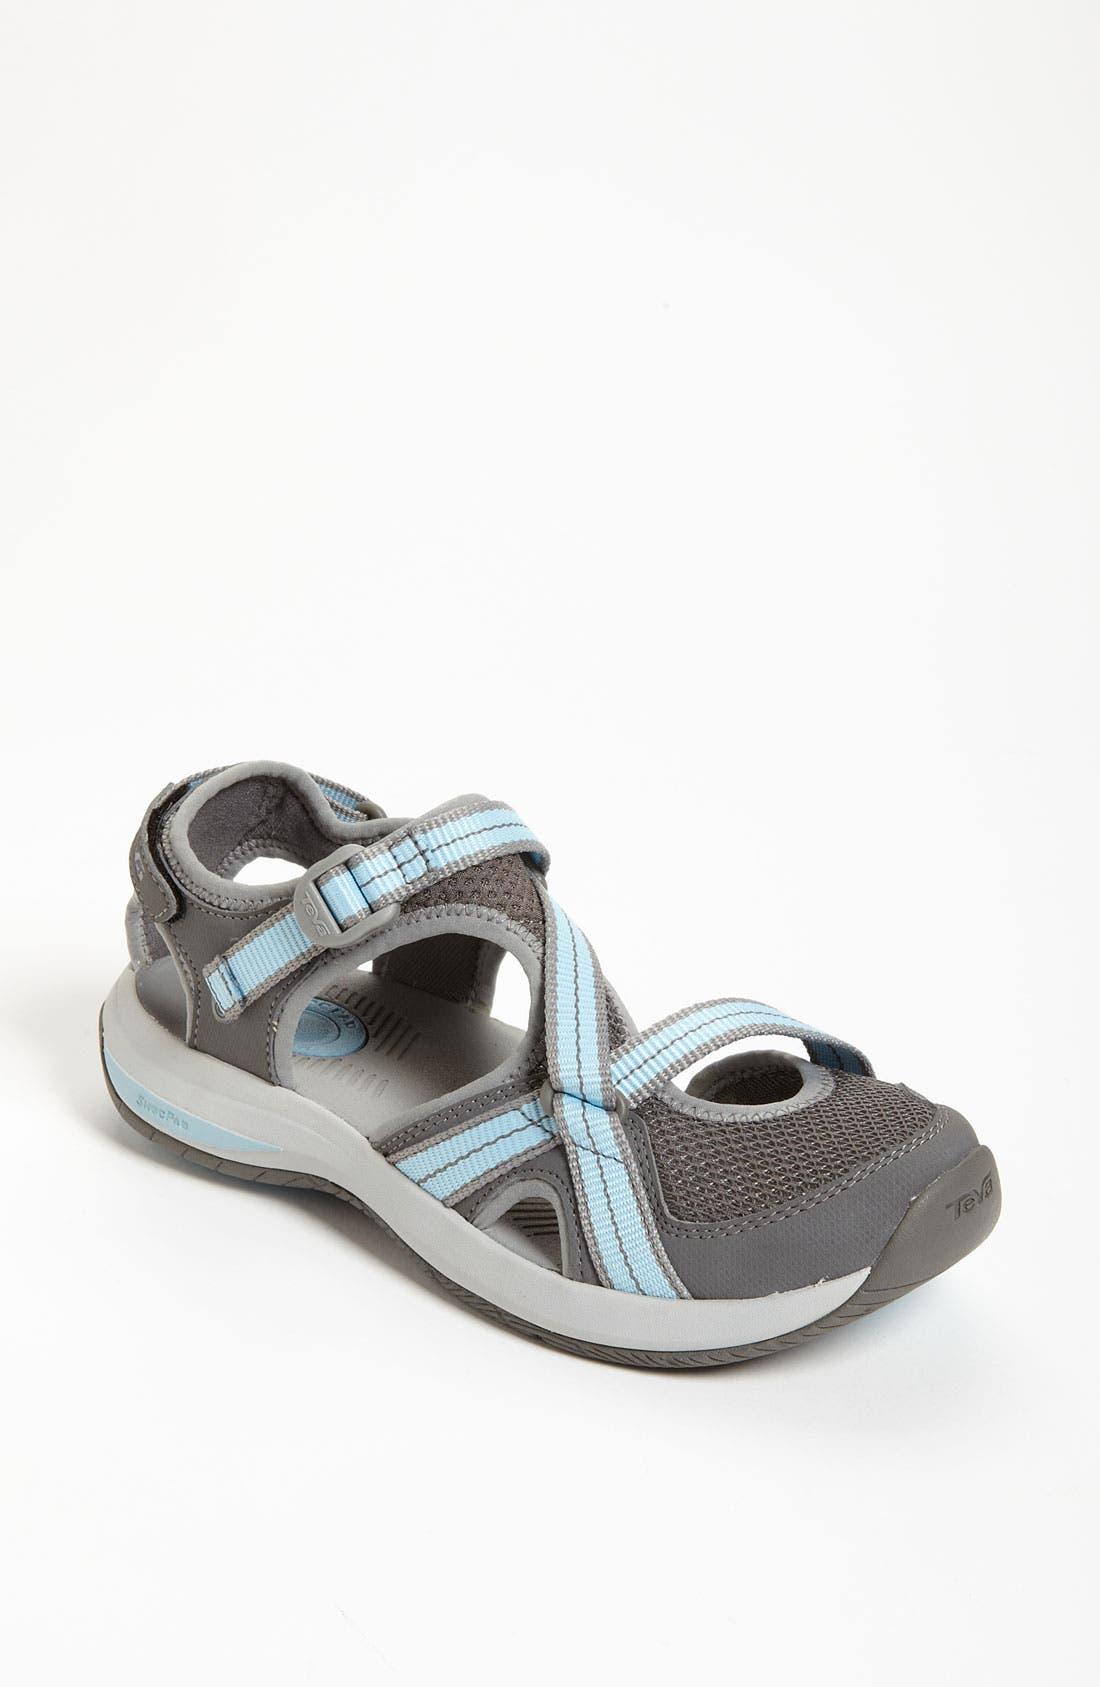 Main Image - Teva 'Ewaso' Water Sandal